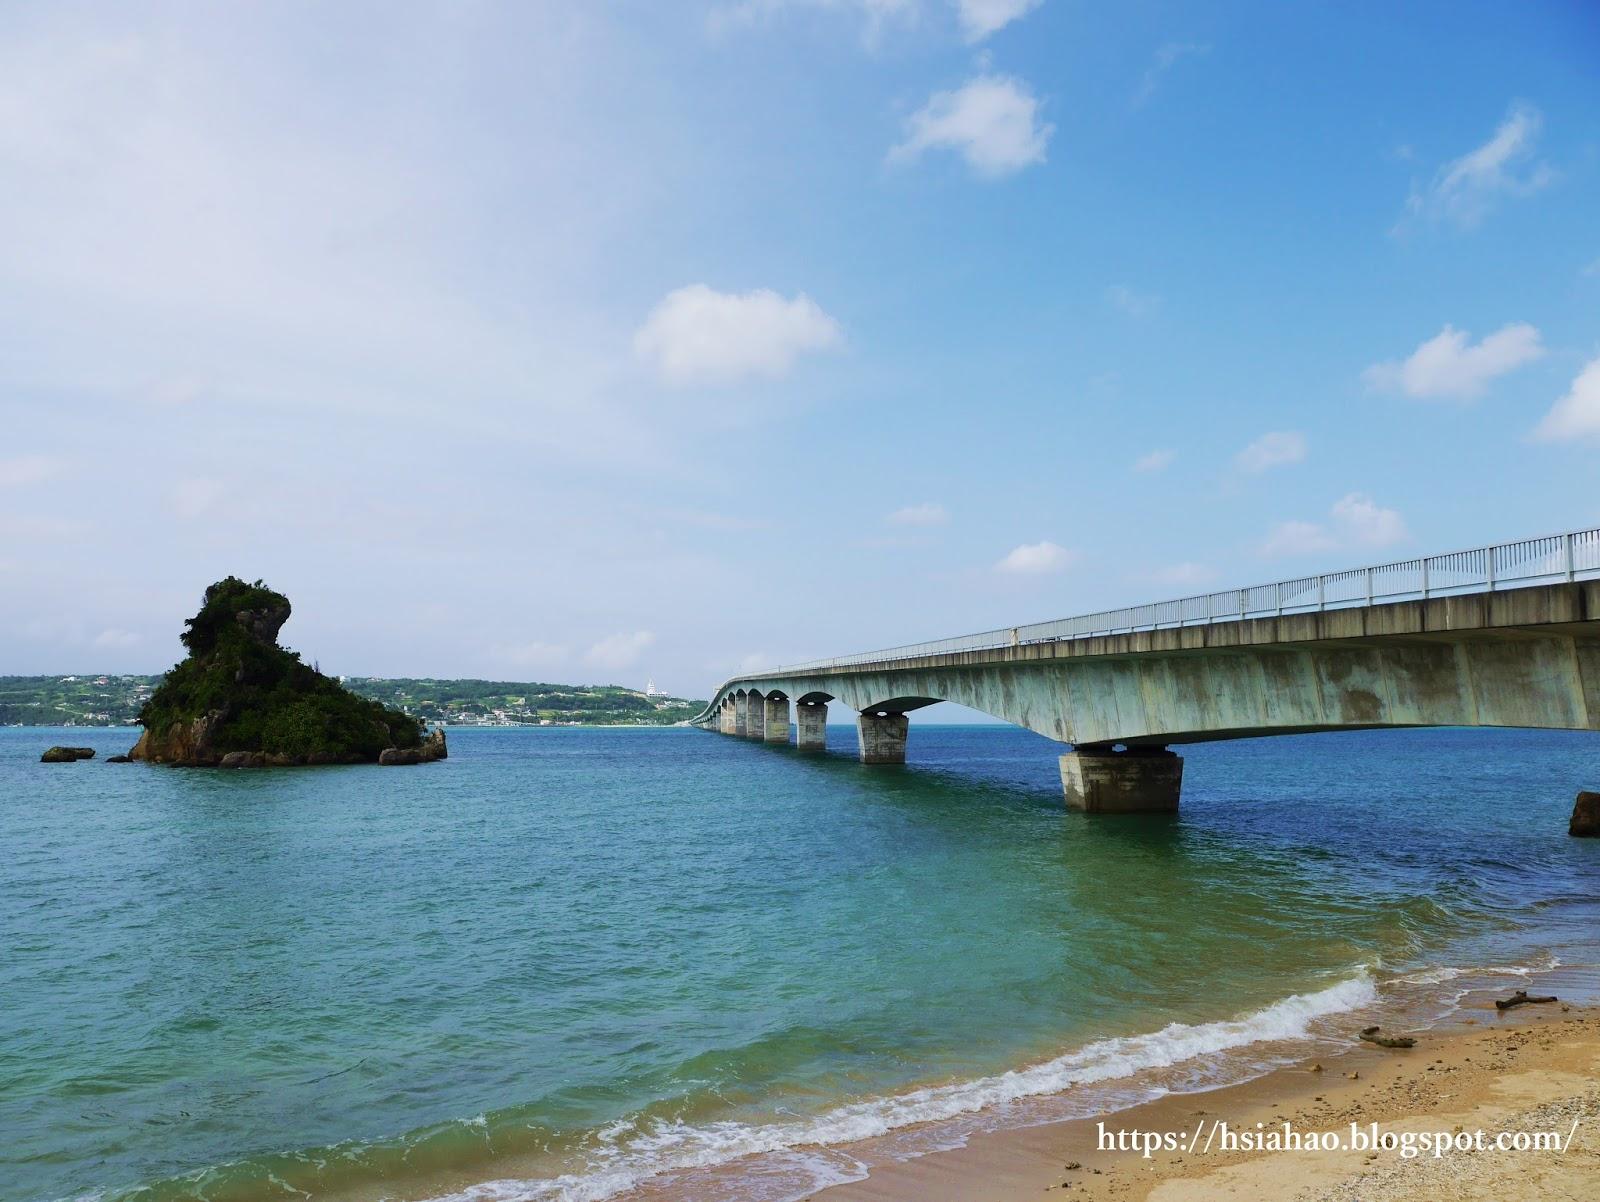 沖繩-景點-古宇利島-古宇利大橋-kouri-推薦-自由行-旅遊-Okinawa